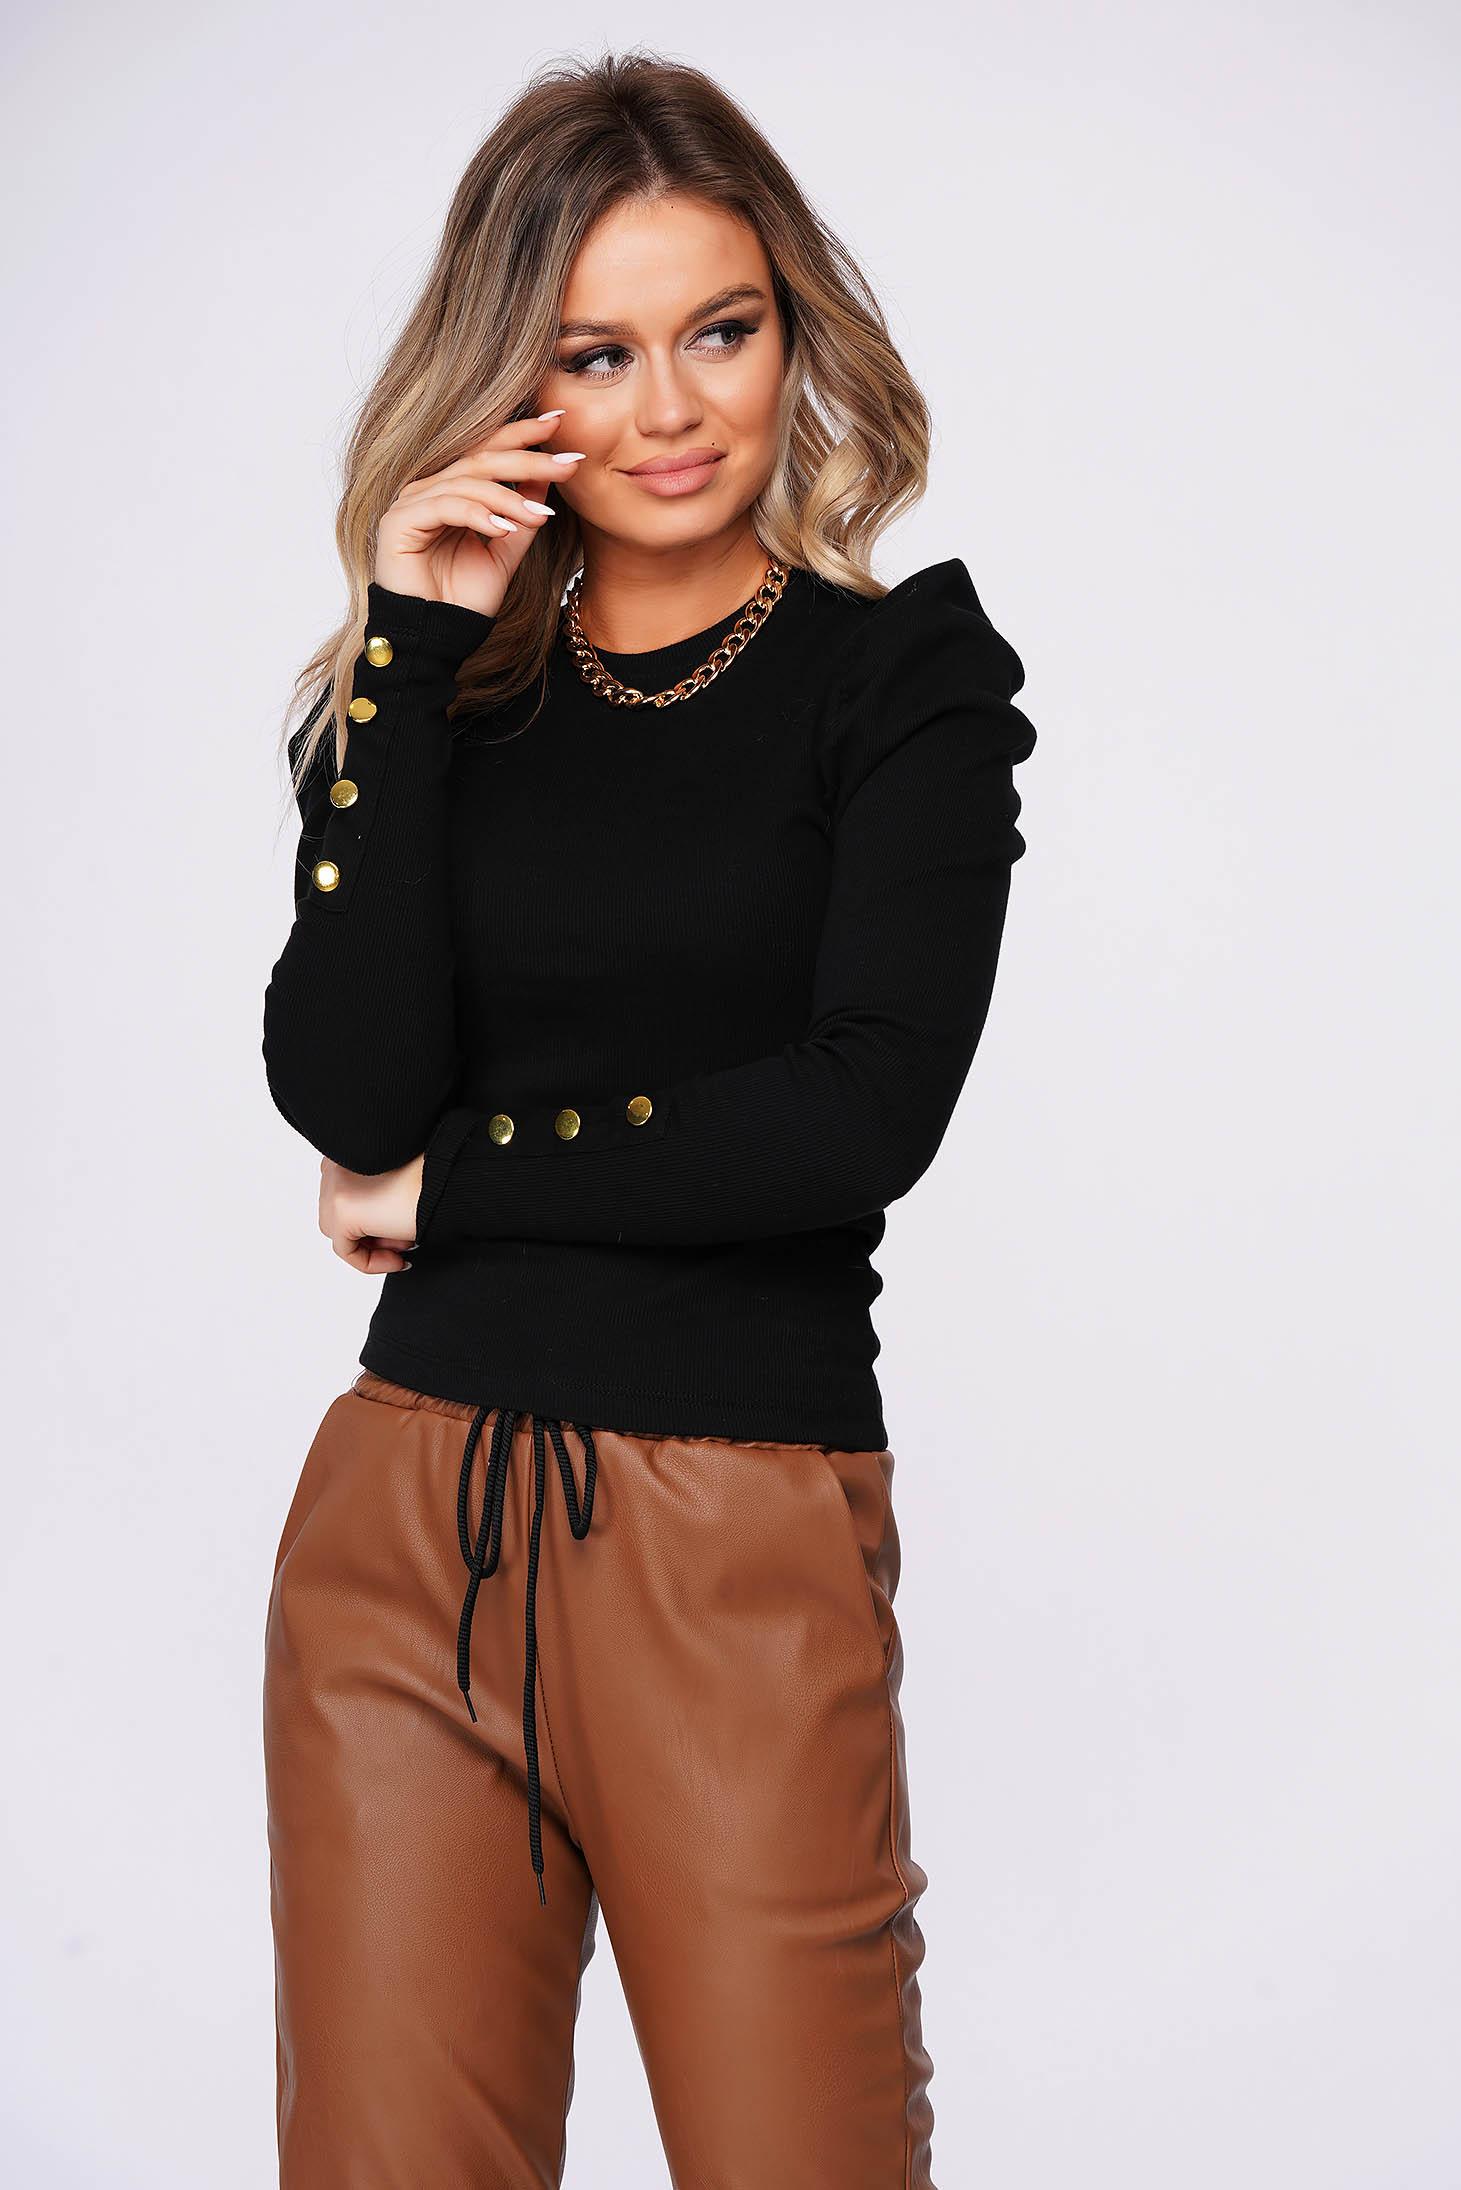 Black short cut tented cotton women`s blouse high shoulders